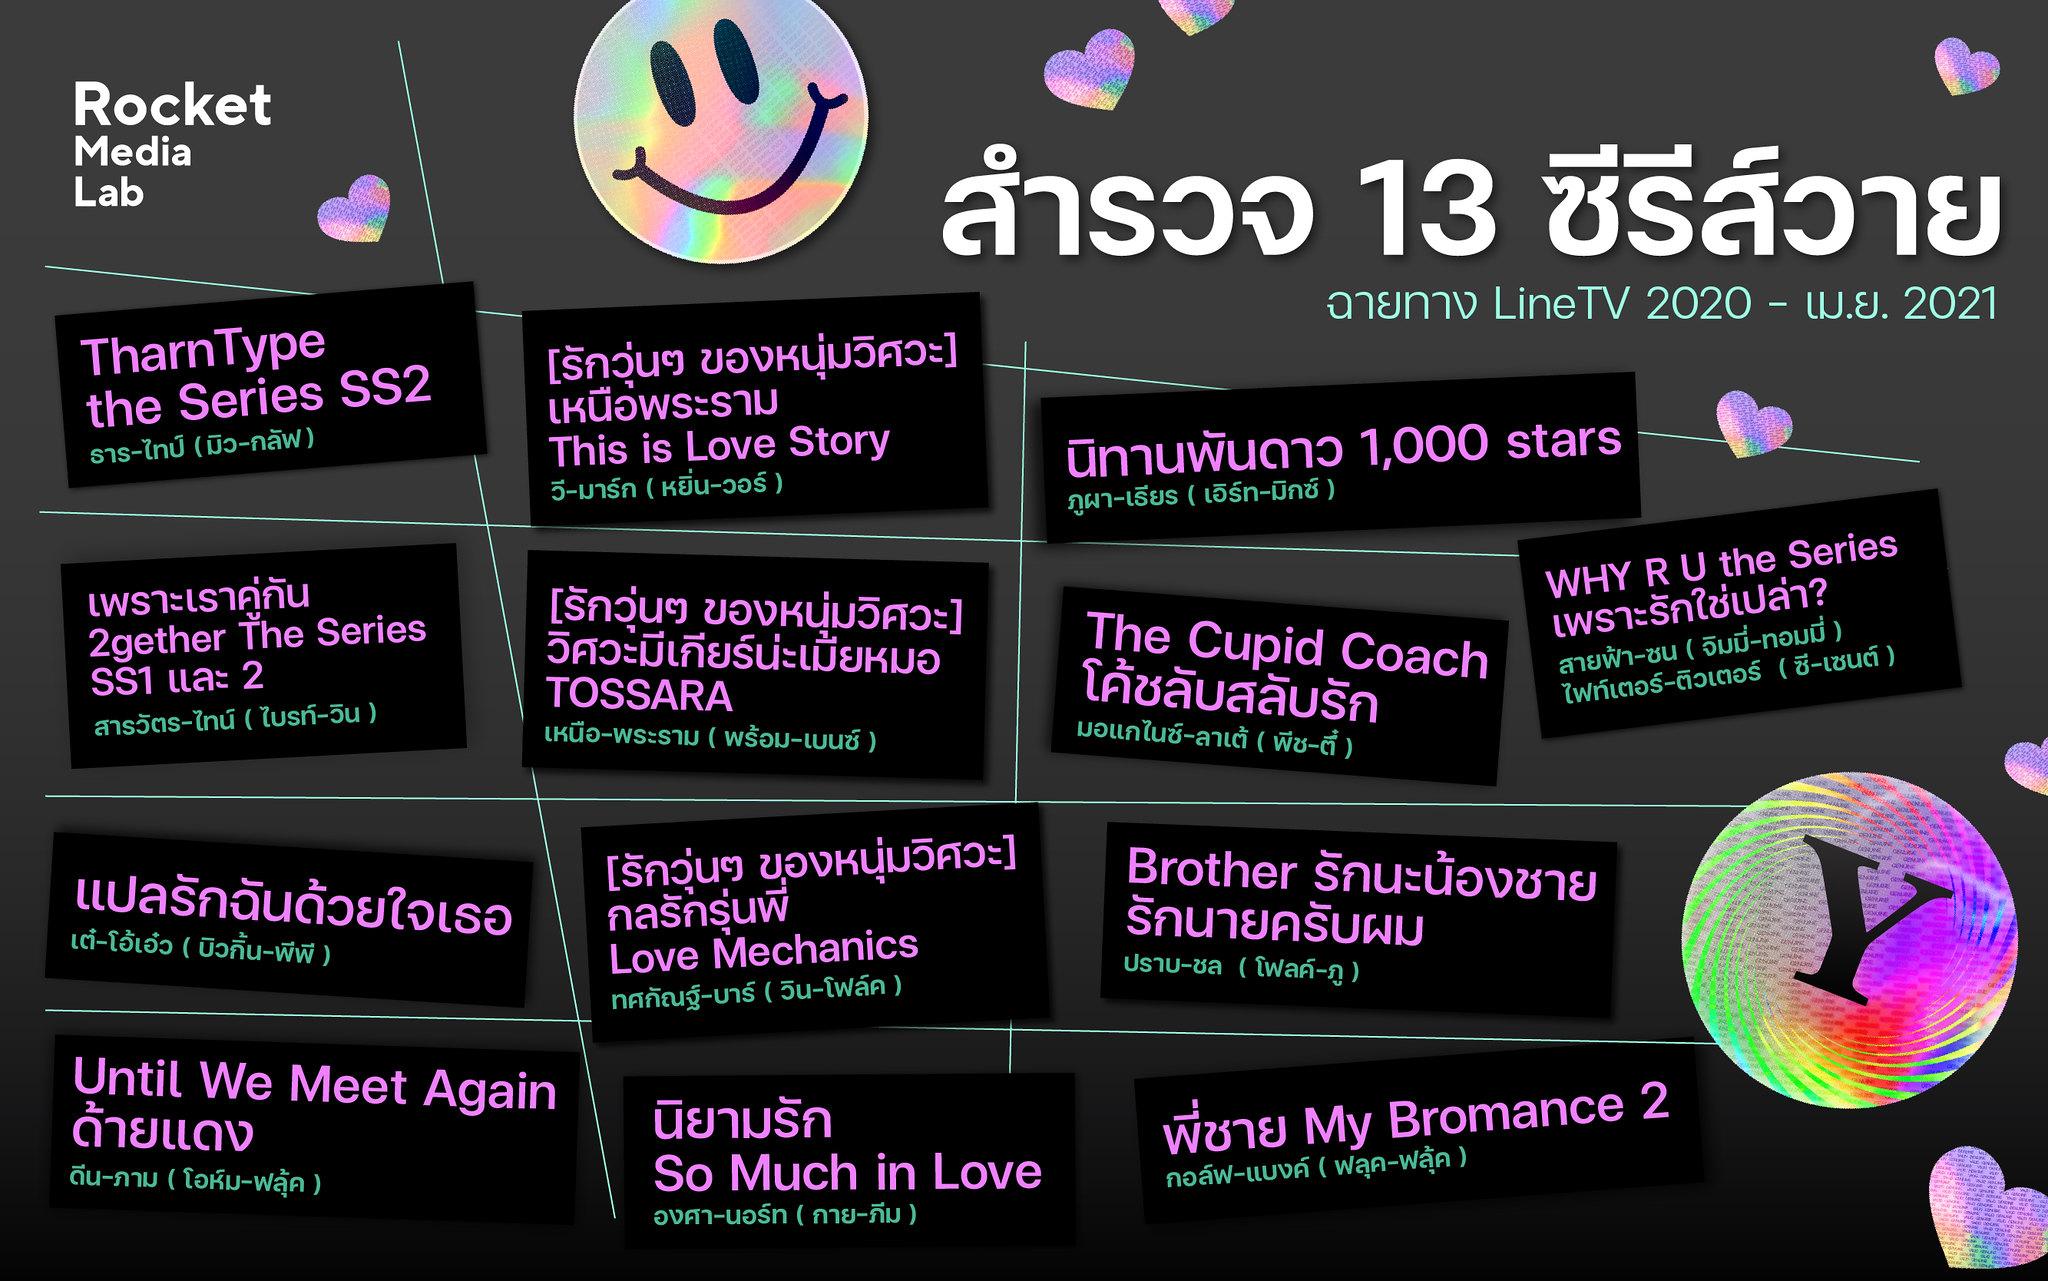 Rocket Media Lab: สำรวจจักรวาลซีรีส์วายไทย ปี 2020 - ต้นปี 2021 โลกของชายแท้รักกันยังเหมือนเดิมอยู่ไหม